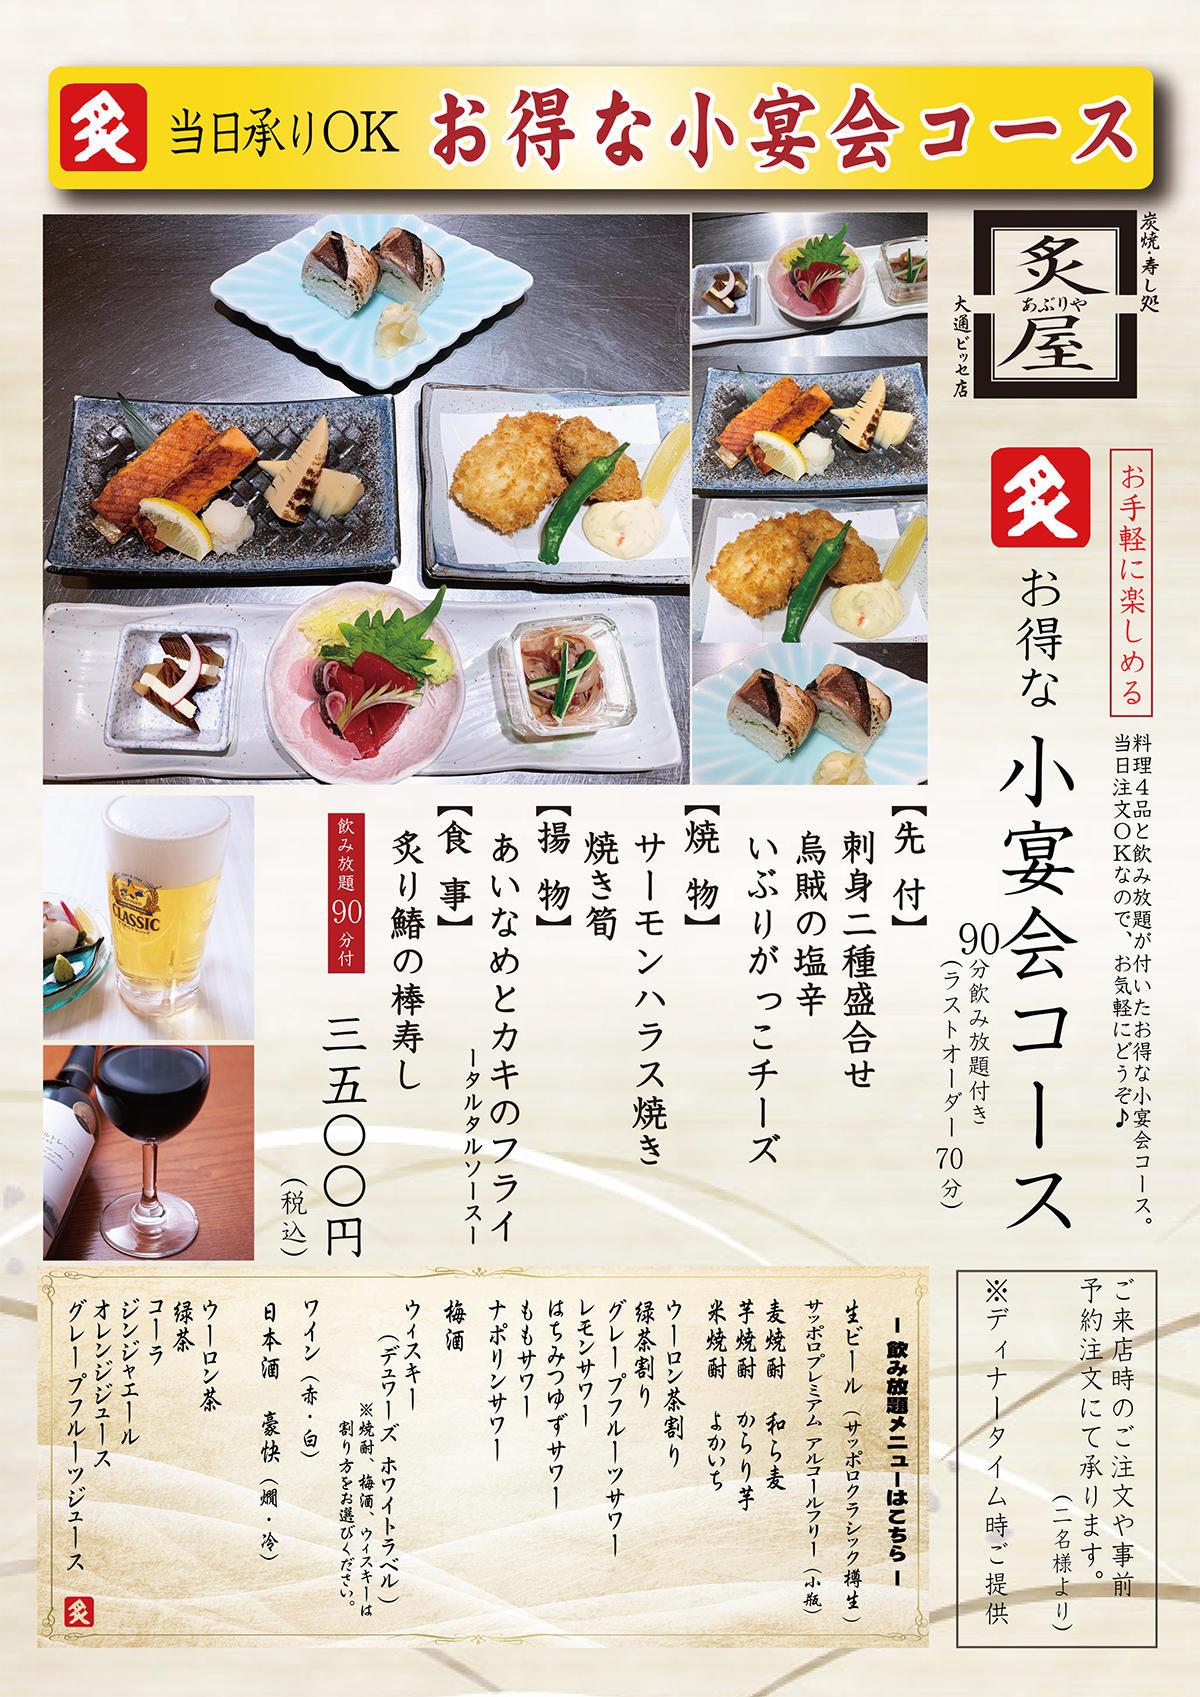 https://www.odori-bisse.com/info/aburiya_210419_img2.jpg